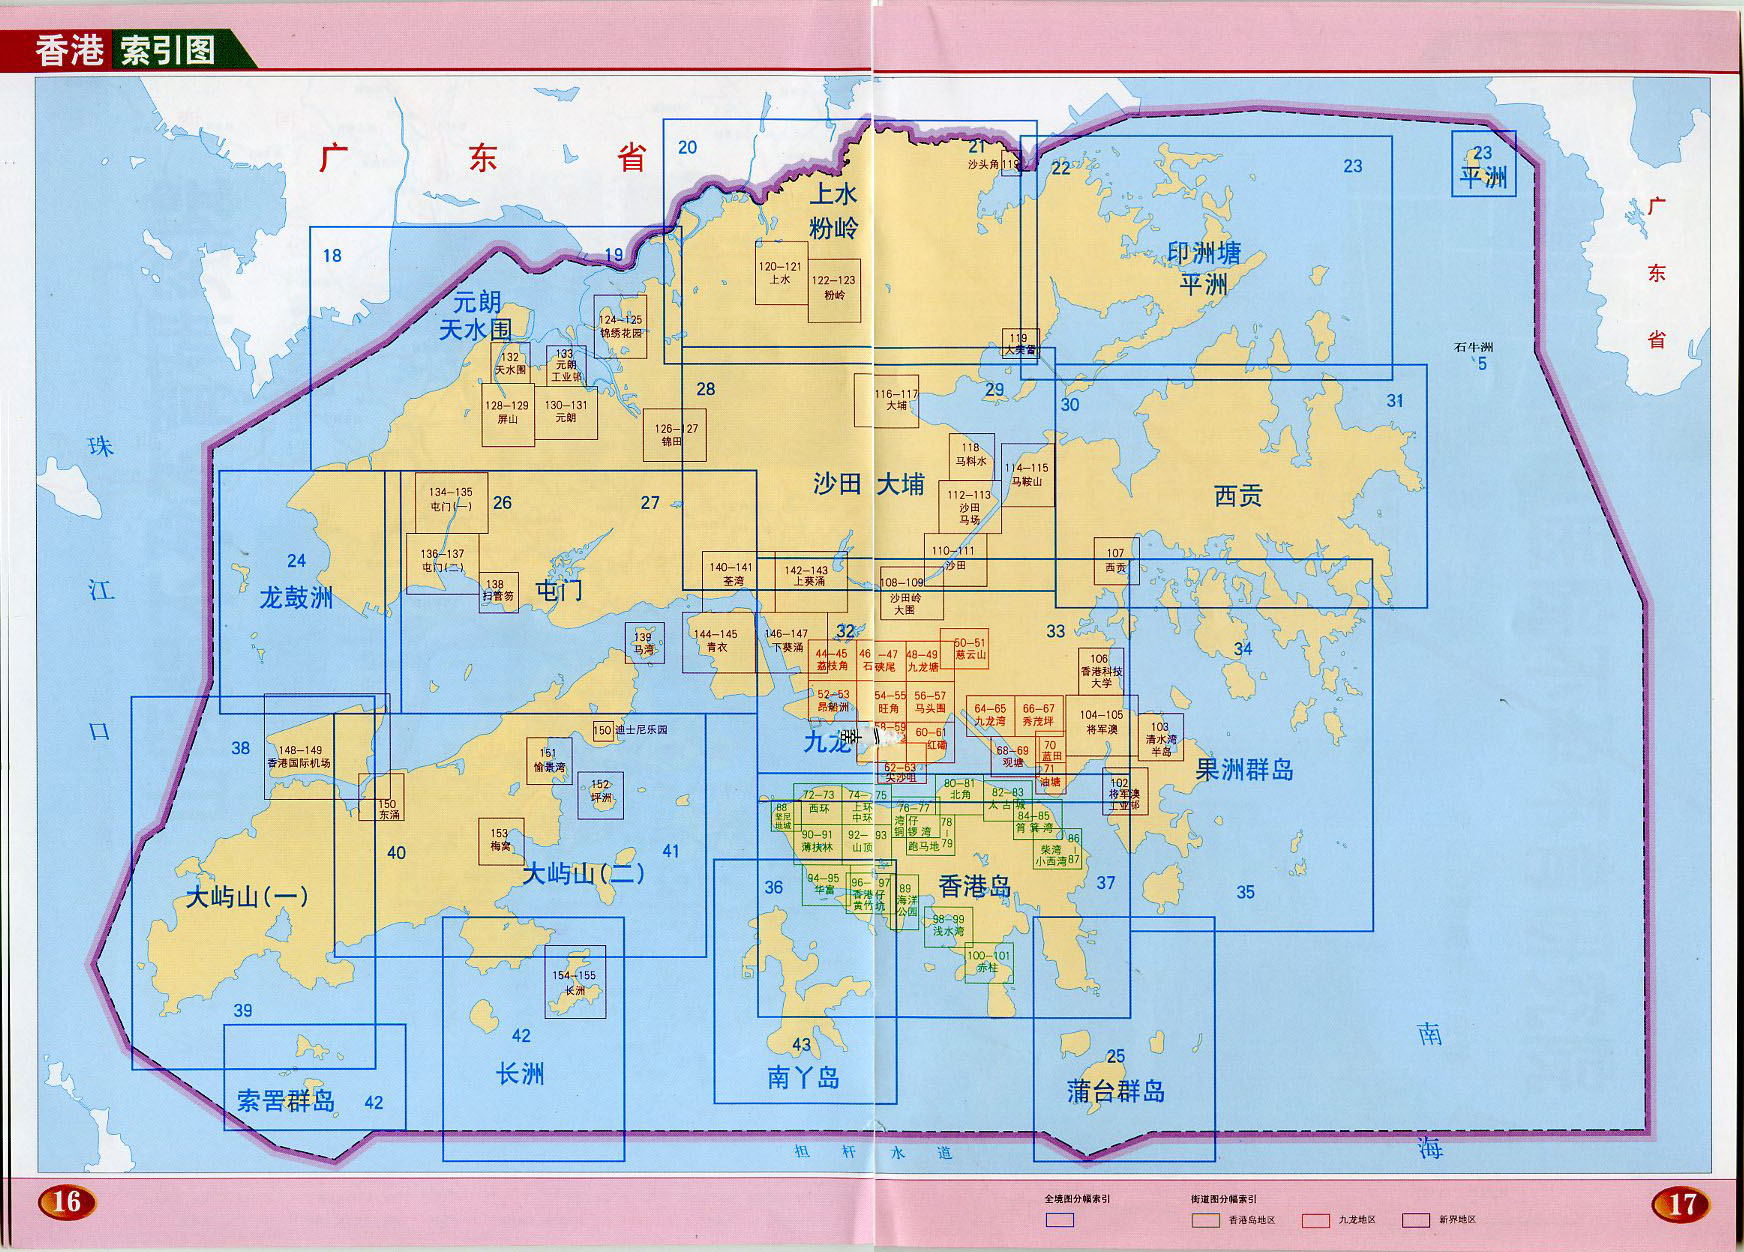 香港 索引图高清版_香港地图库